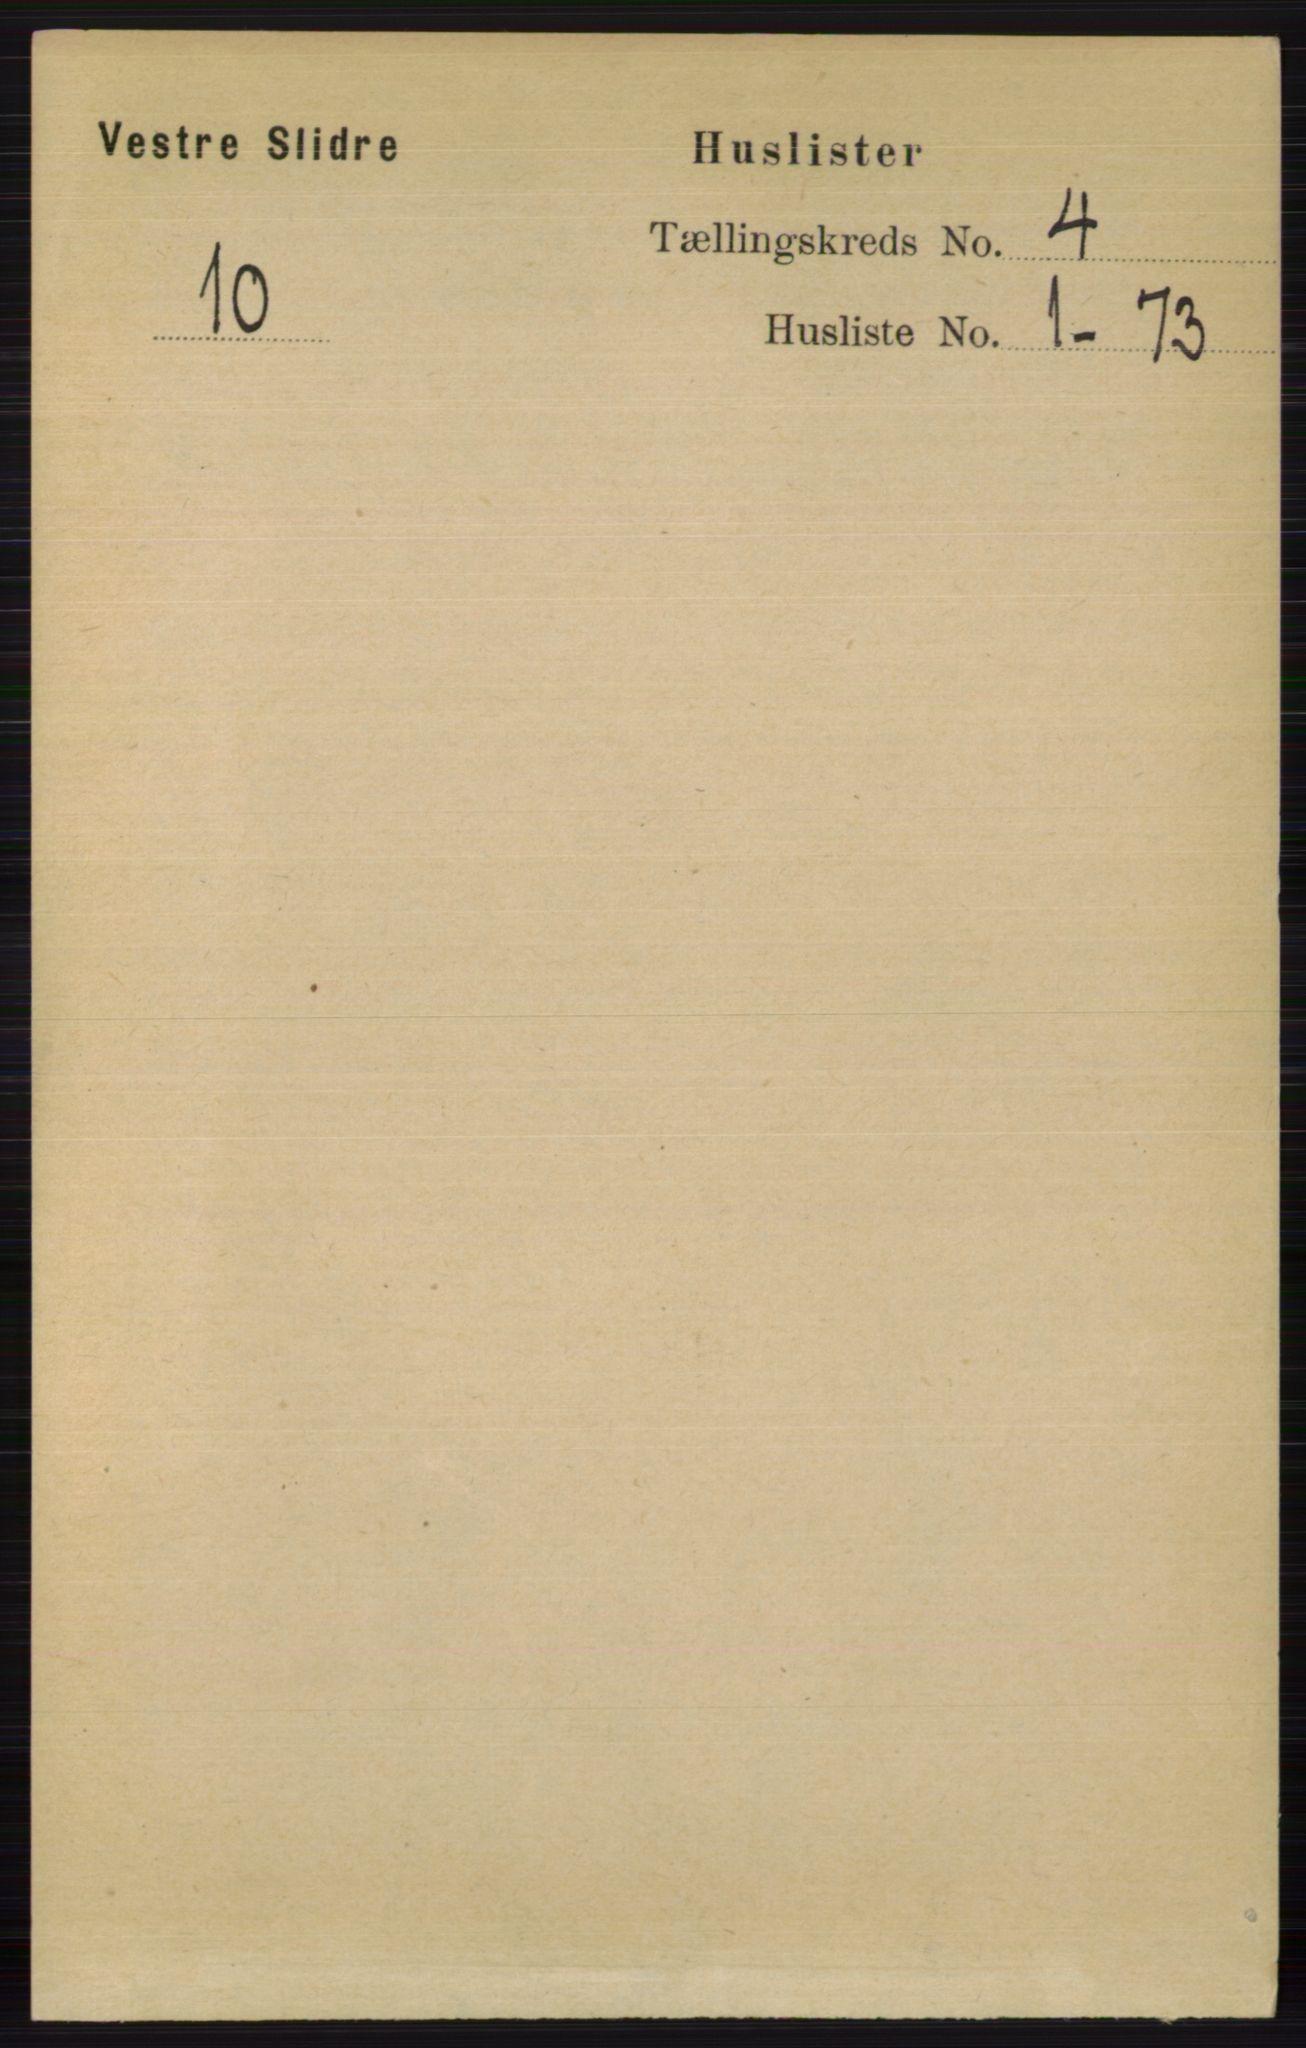 RA, Folketelling 1891 for 0543 Vestre Slidre herred, 1891, s. 1177